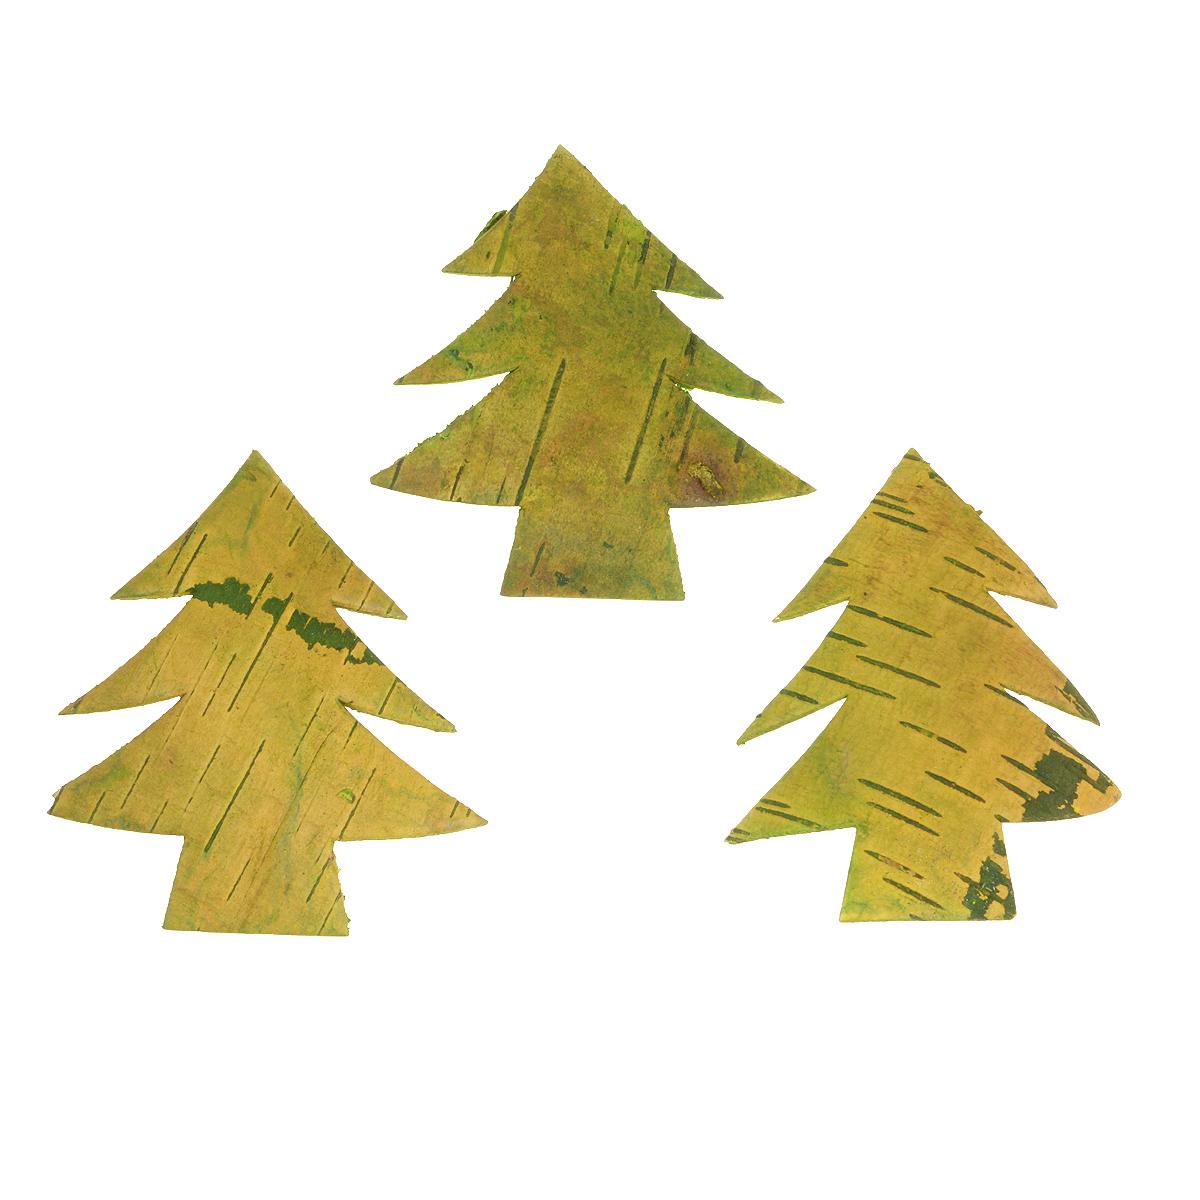 Декоративный элемент Dongjiang Art Елка, цвет: зеленый, 3 шт7709019Декоративный элемент Dongjiang Art Елка, изготовленный из натуральной коры дерева, предназначен для украшения цветочных композиций. Изделие выполнено в виде елки, которое можно также использовать в технике скрапбукинг и многом другом. Флористика - вид декоративно-прикладного искусства, который использует живые, засушенные или консервированные природные материалы для создания флористических работ. Это целый мир, в котором есть место и строгому математическому расчету, и вдохновению.